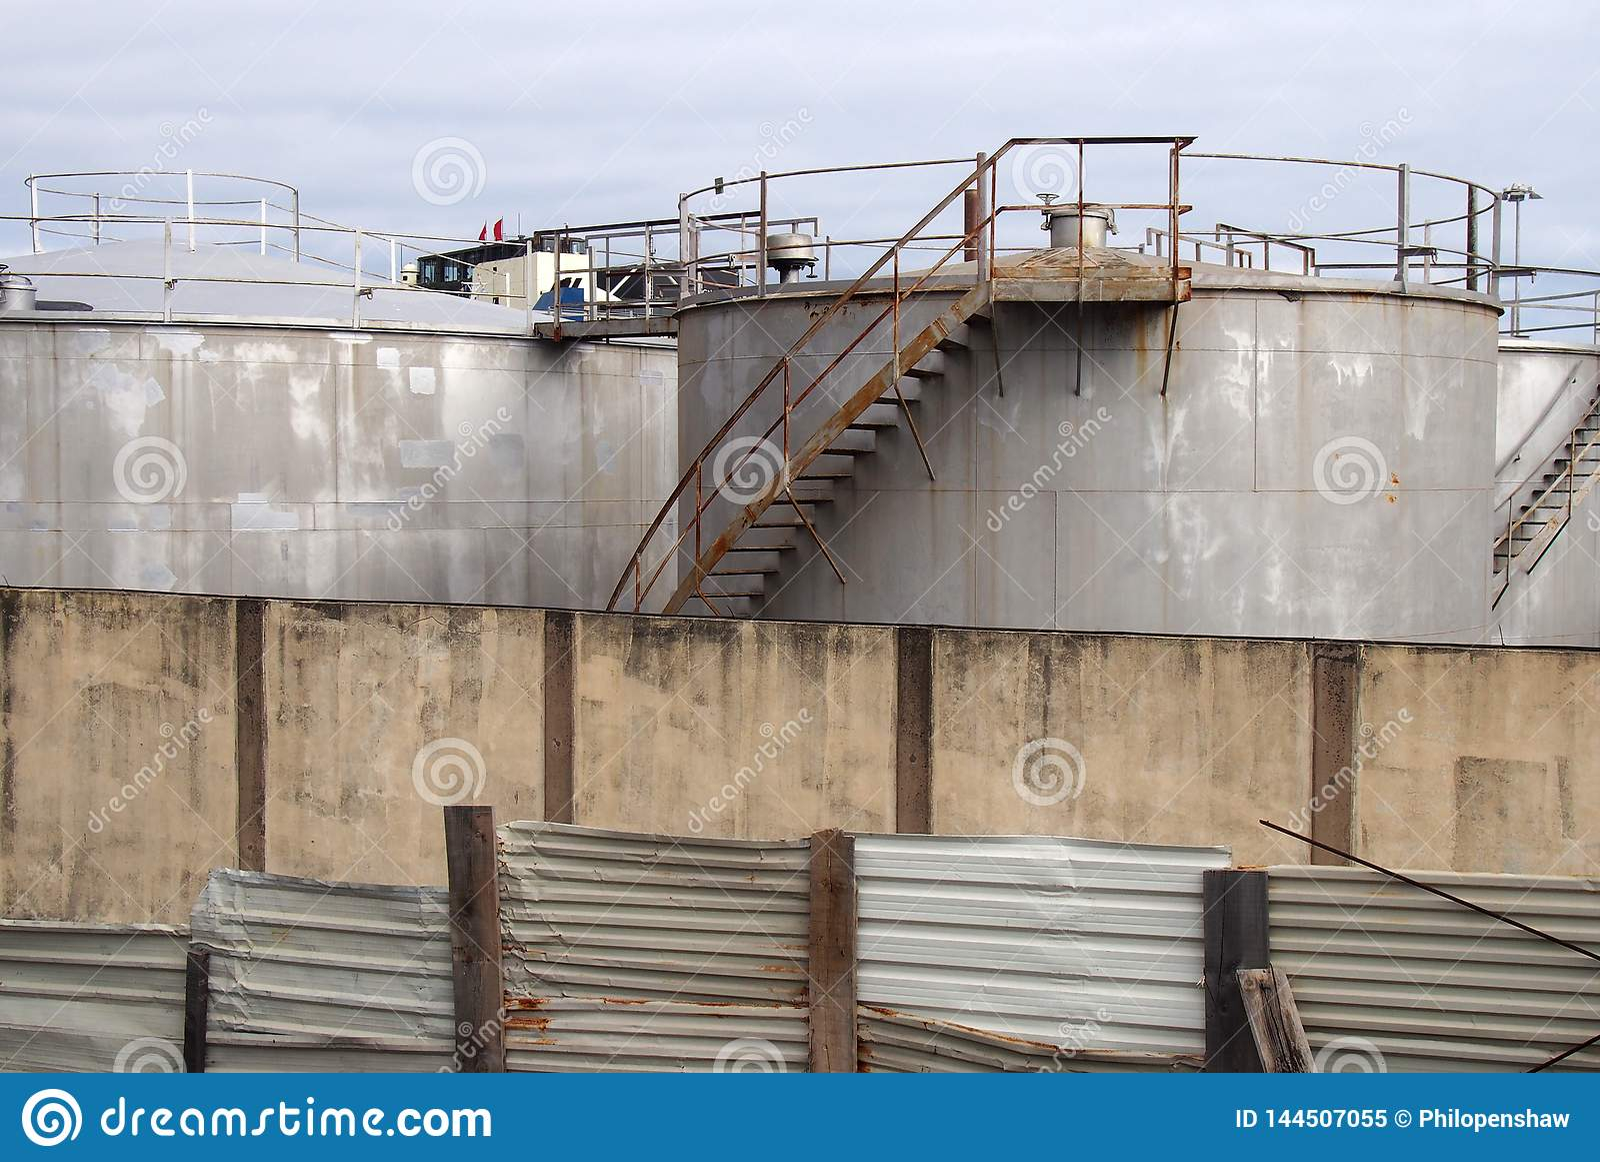 Serbatoi industriali del vecchio metallo con le scale arrugginite di ispezione e valvole circondate da un recinto e da una parete